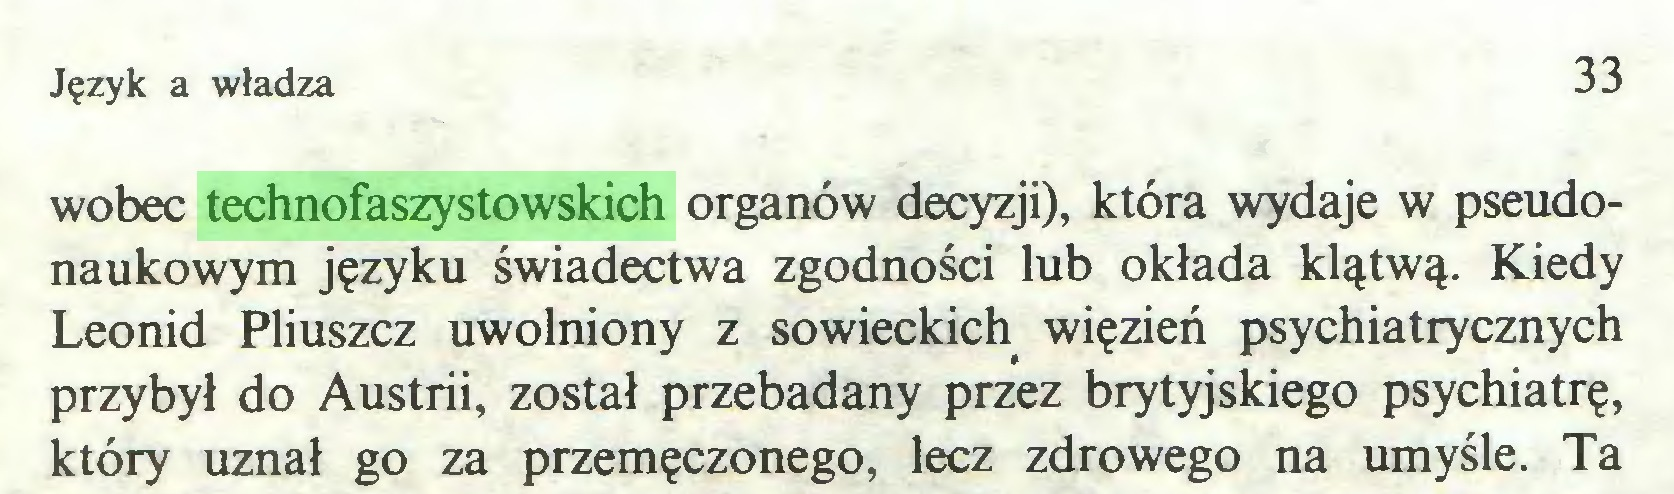 (...) Język a władza 33 wobec technofaszystowskich organów decyzji), która wydaje w pseudonaukowym języku świadectwa zgodności lub okłada klątwą. Kiedy Leonid Pliuszcz uwolniony z sowieckich więzień psychiatrycznych przybył do Austrii, został przebadany przez brytyjskiego psychiatrę, który uznał go za przemęczonego, lecz zdrowego na umyśle. Ta...